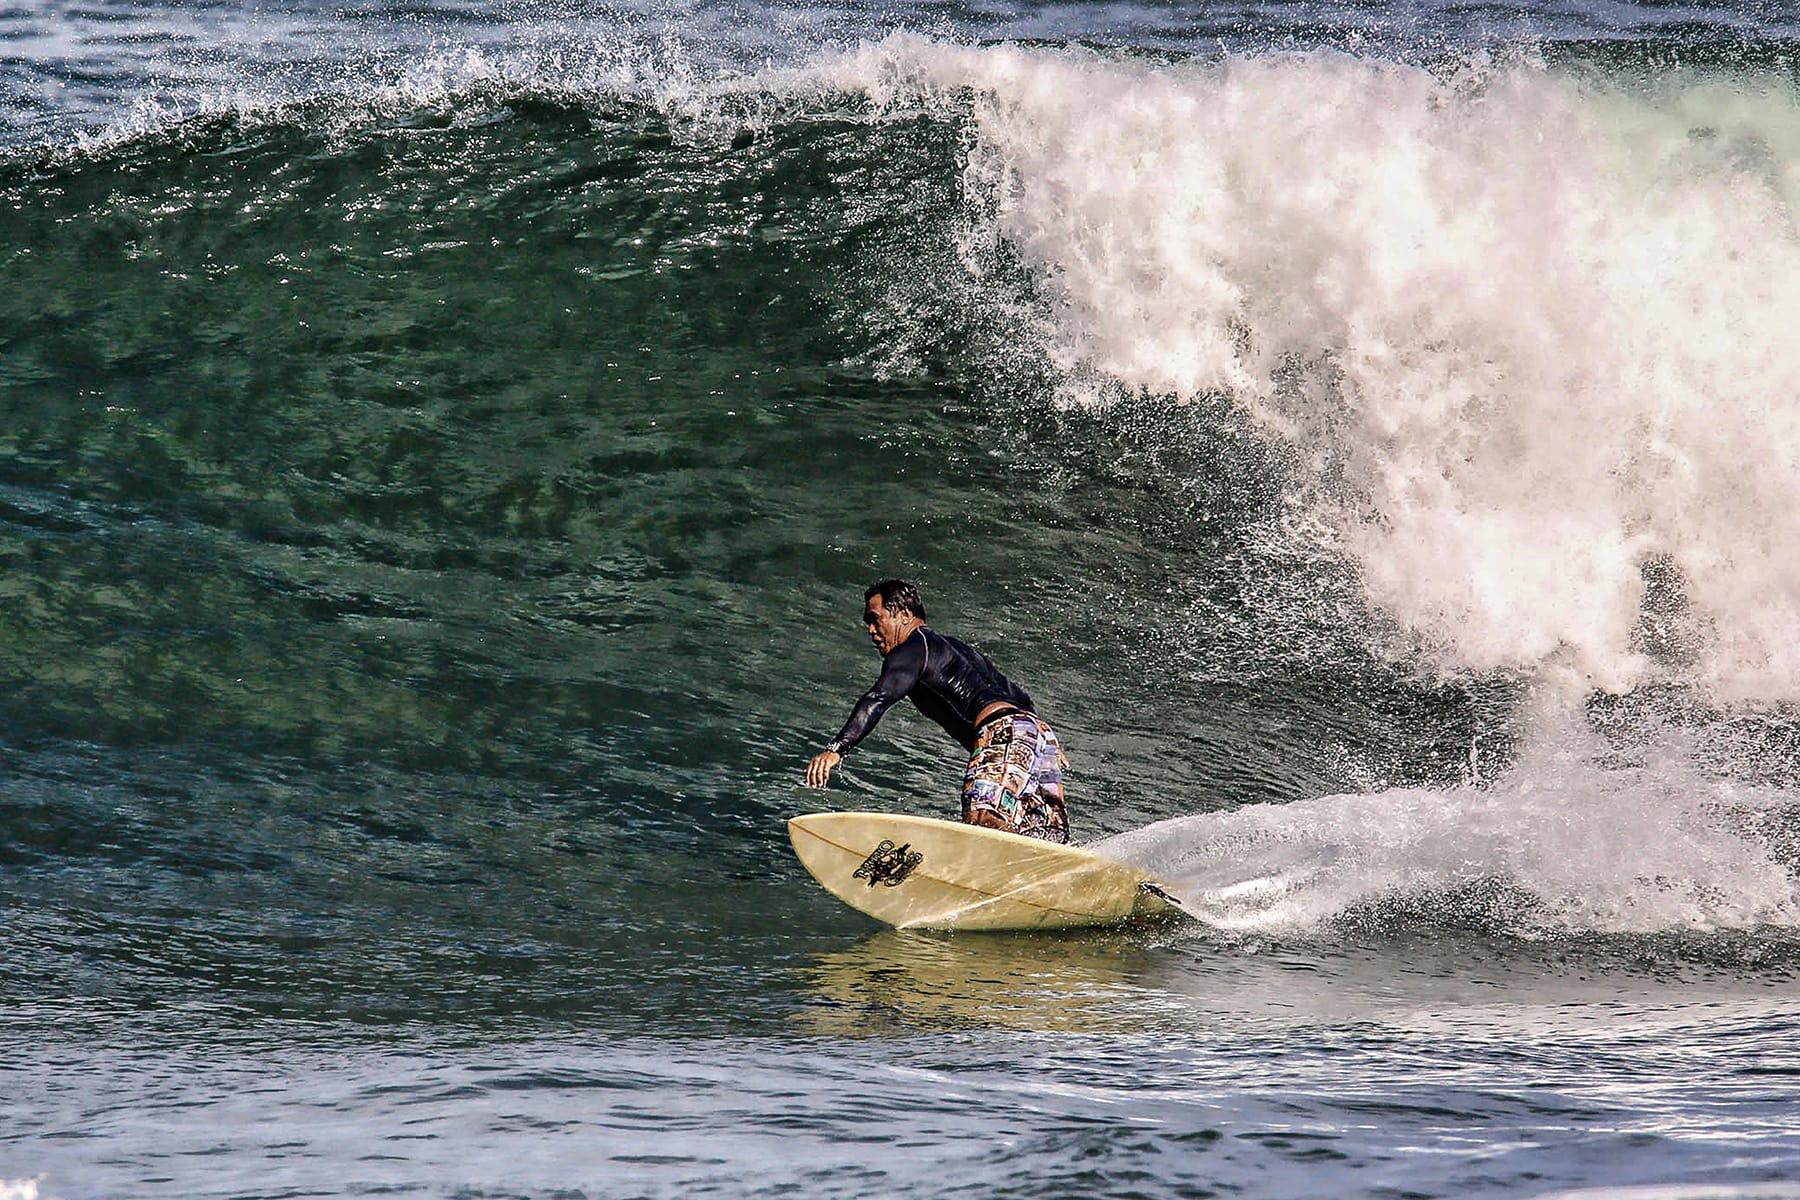 Dave surfing